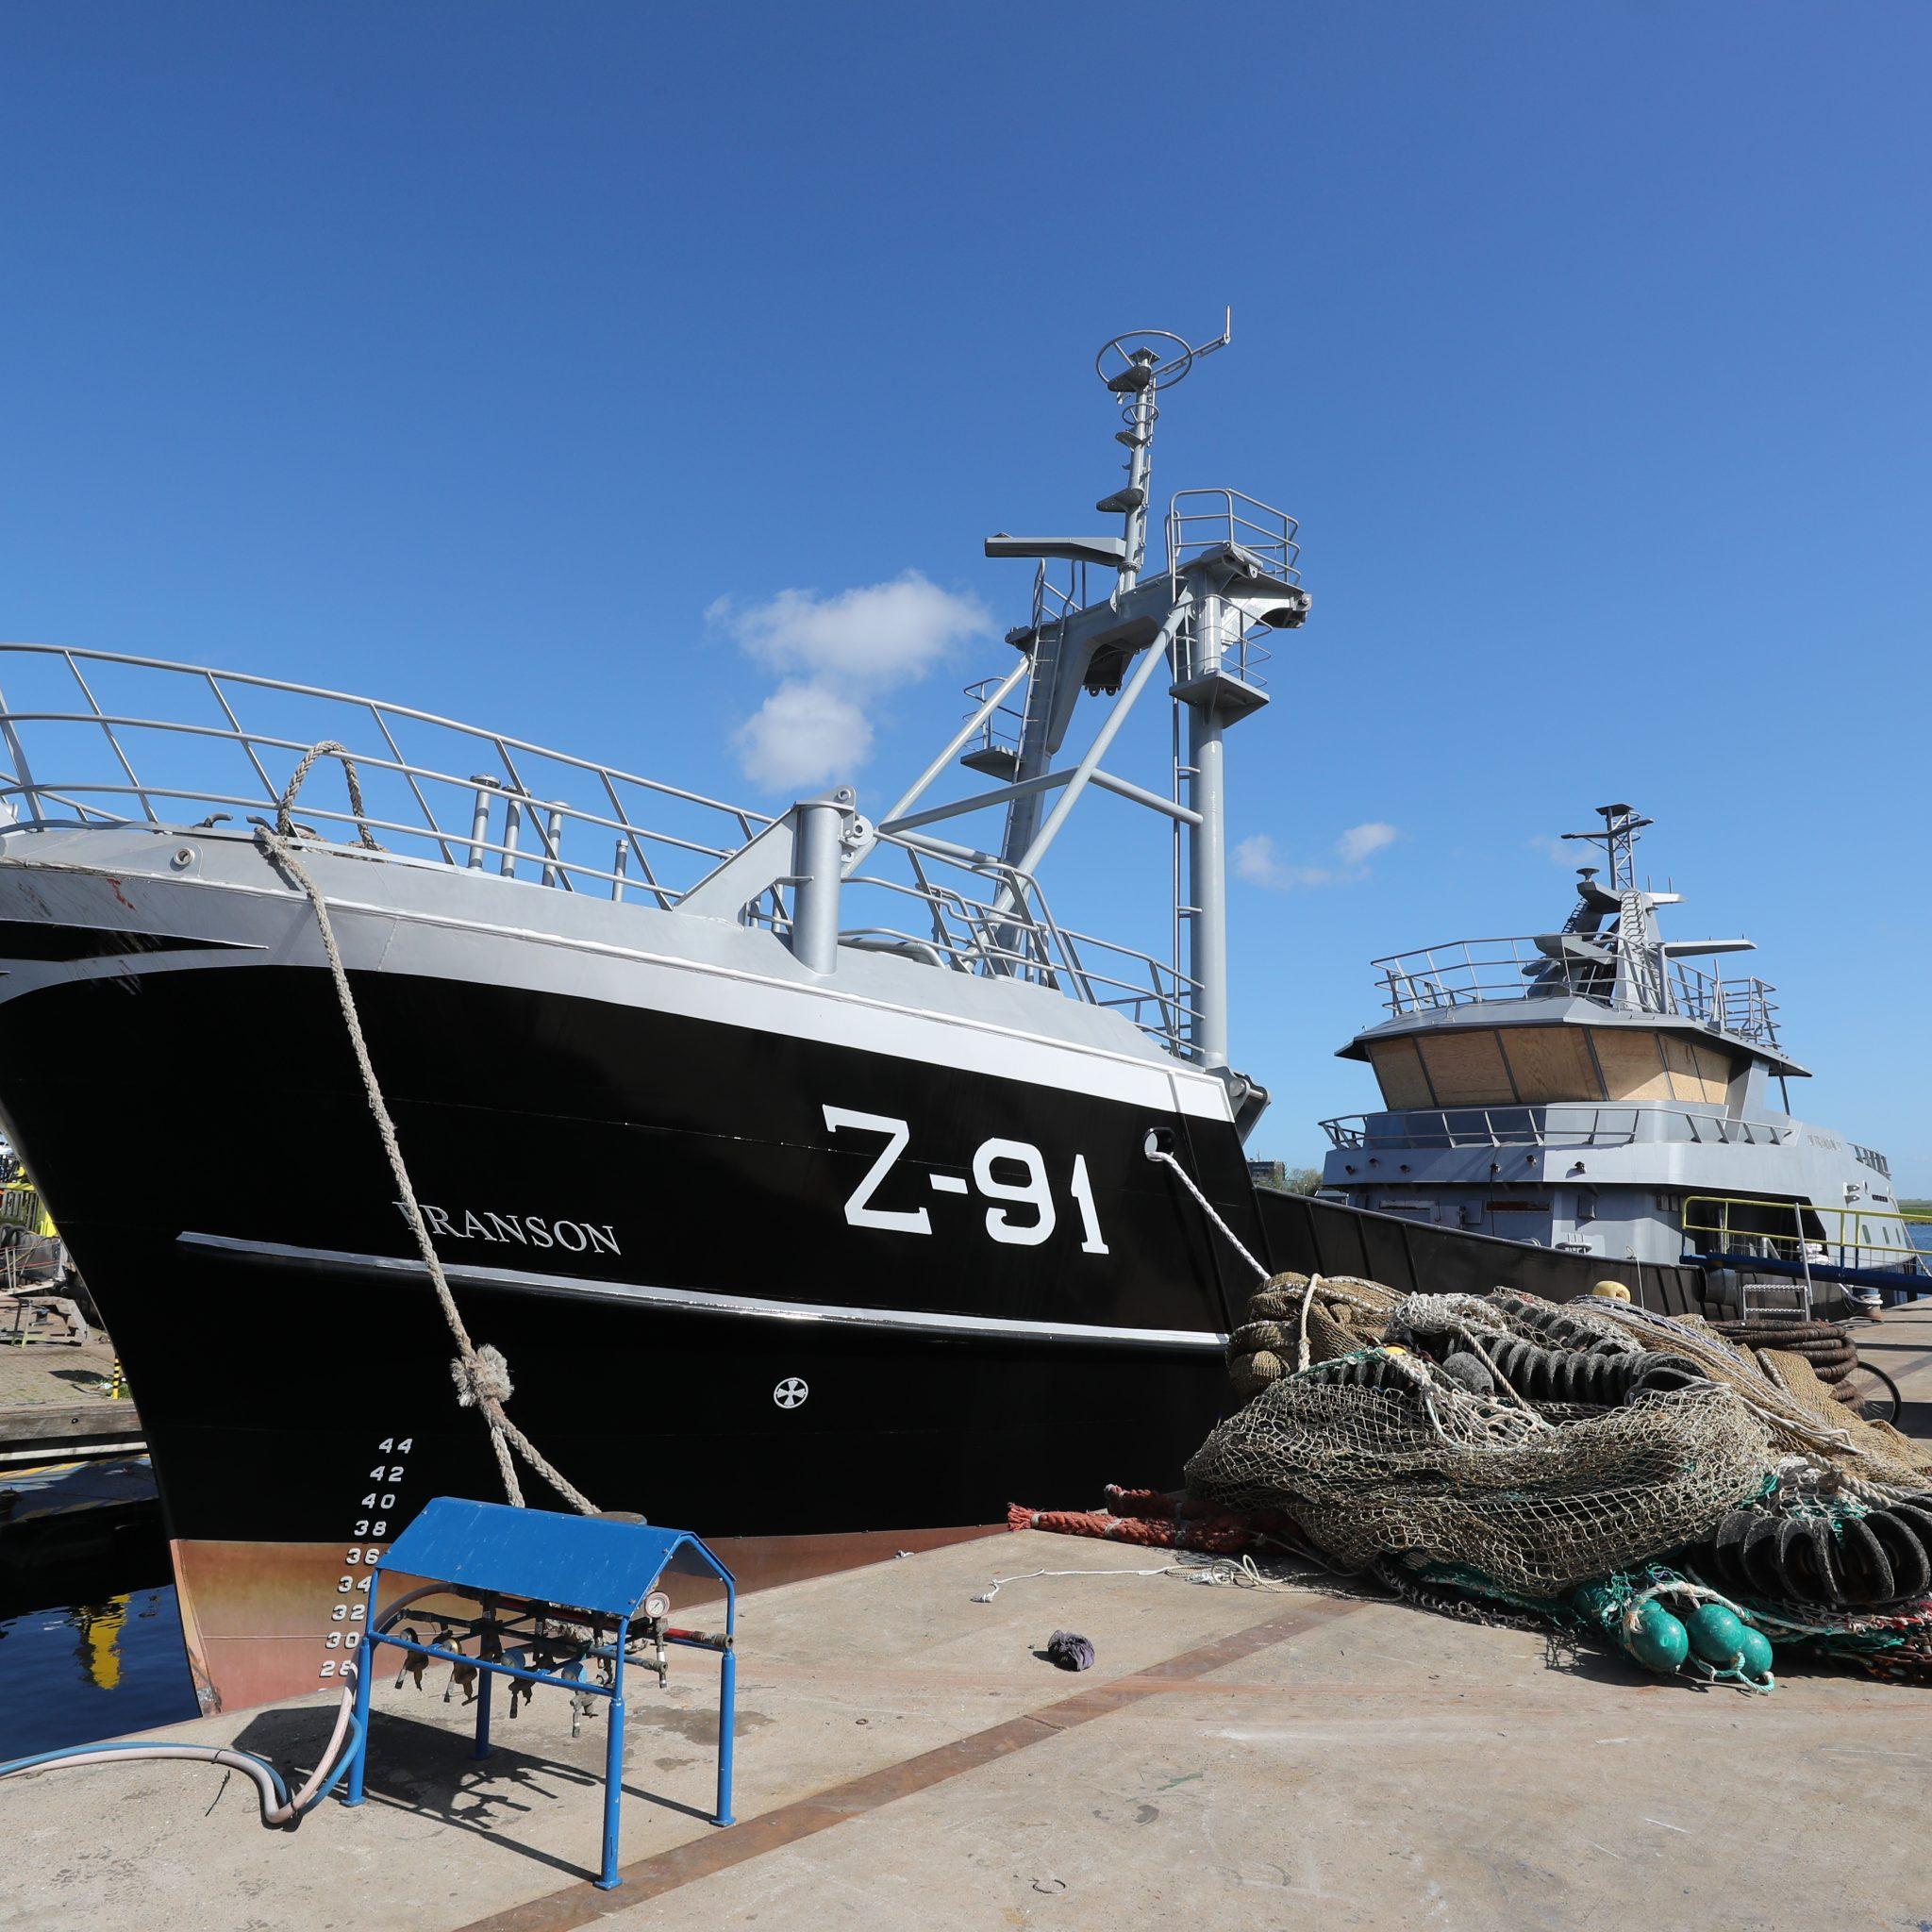 De Z-91 aan de ponton van Maaskant in Stellendam. (Foto Bram Pronk)